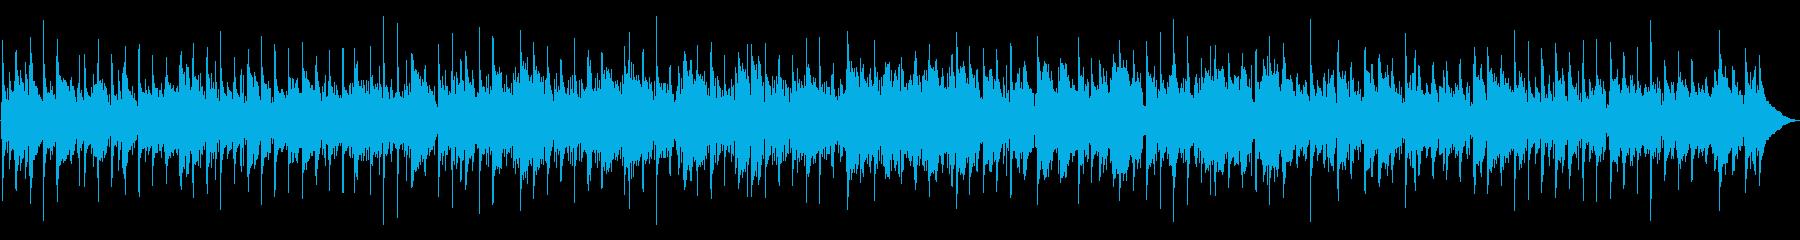 ほのぼのとしたフォーク調ワルツの再生済みの波形